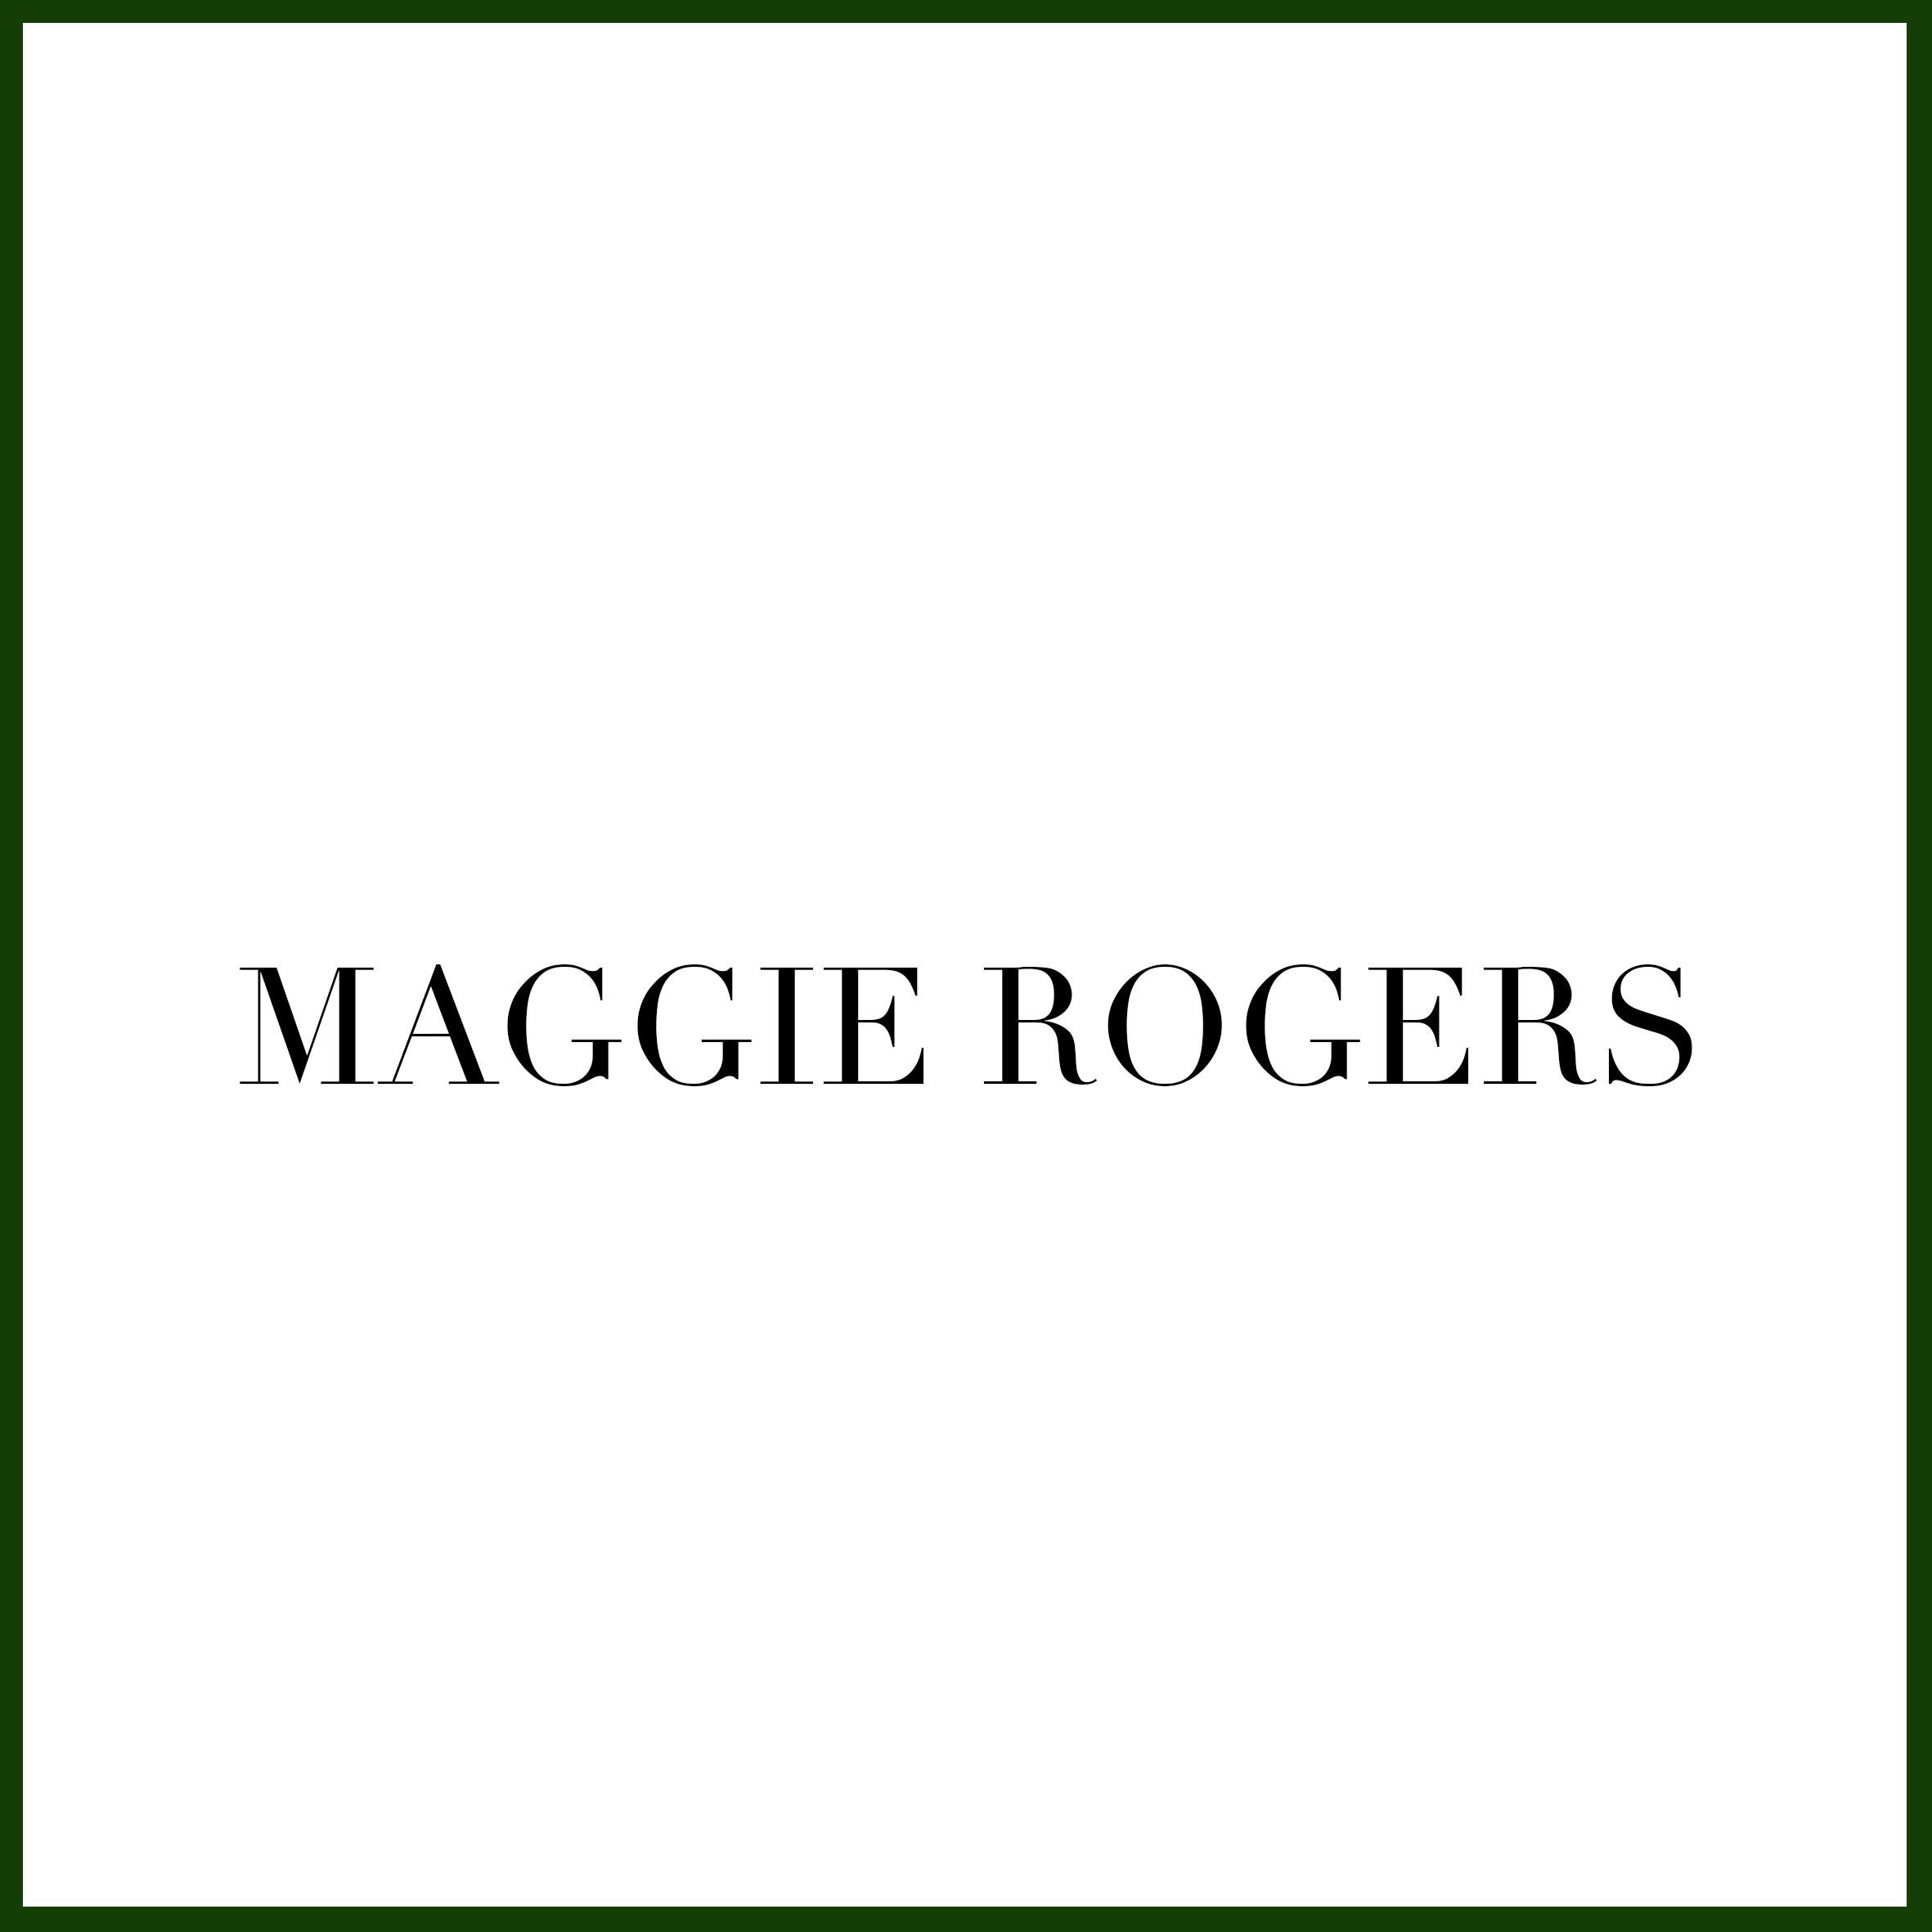 Maggie_Rogers.jpg